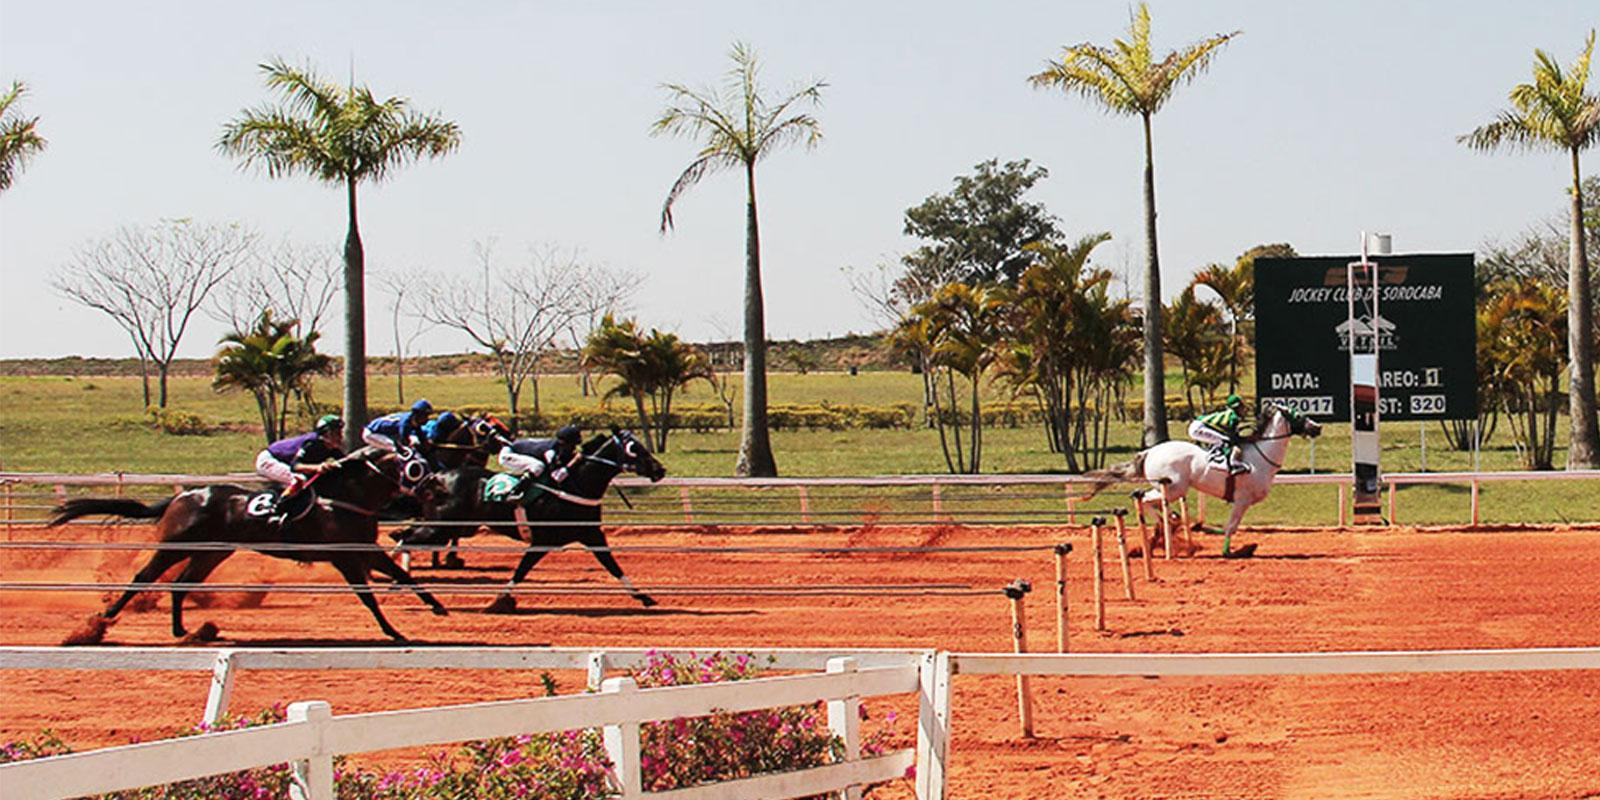 1º Páreo - Reunião 14 no Jockey Club de Sorocaba